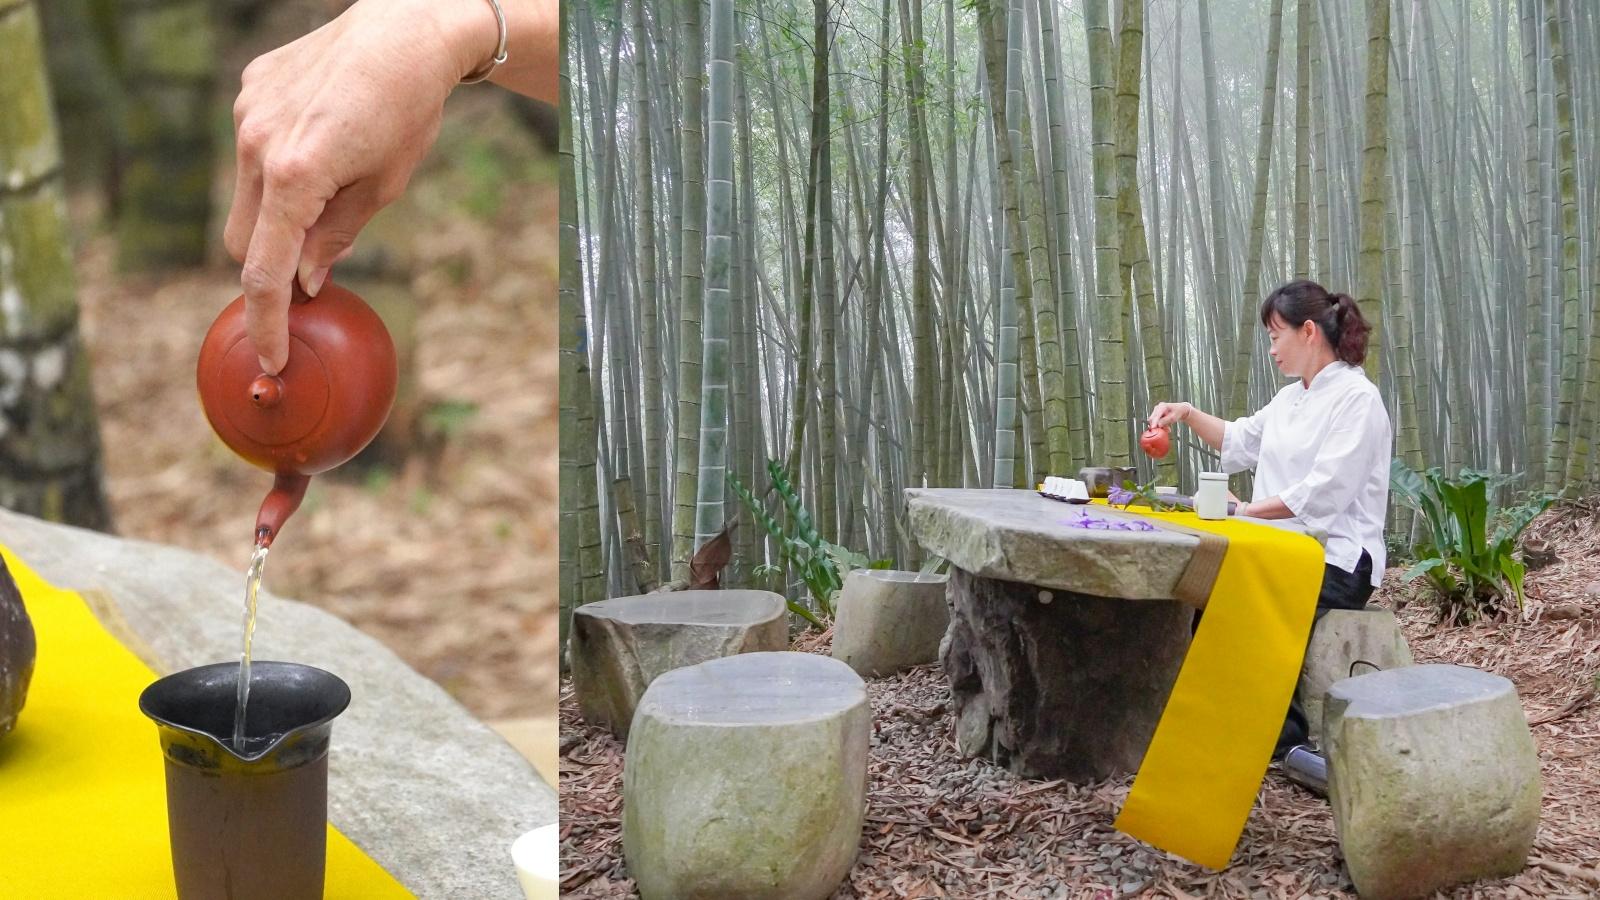 ☆【嘉義】竹林中的茶宴。綠色隧道|瑞里茶席體驗 @凱的日本食尚日記